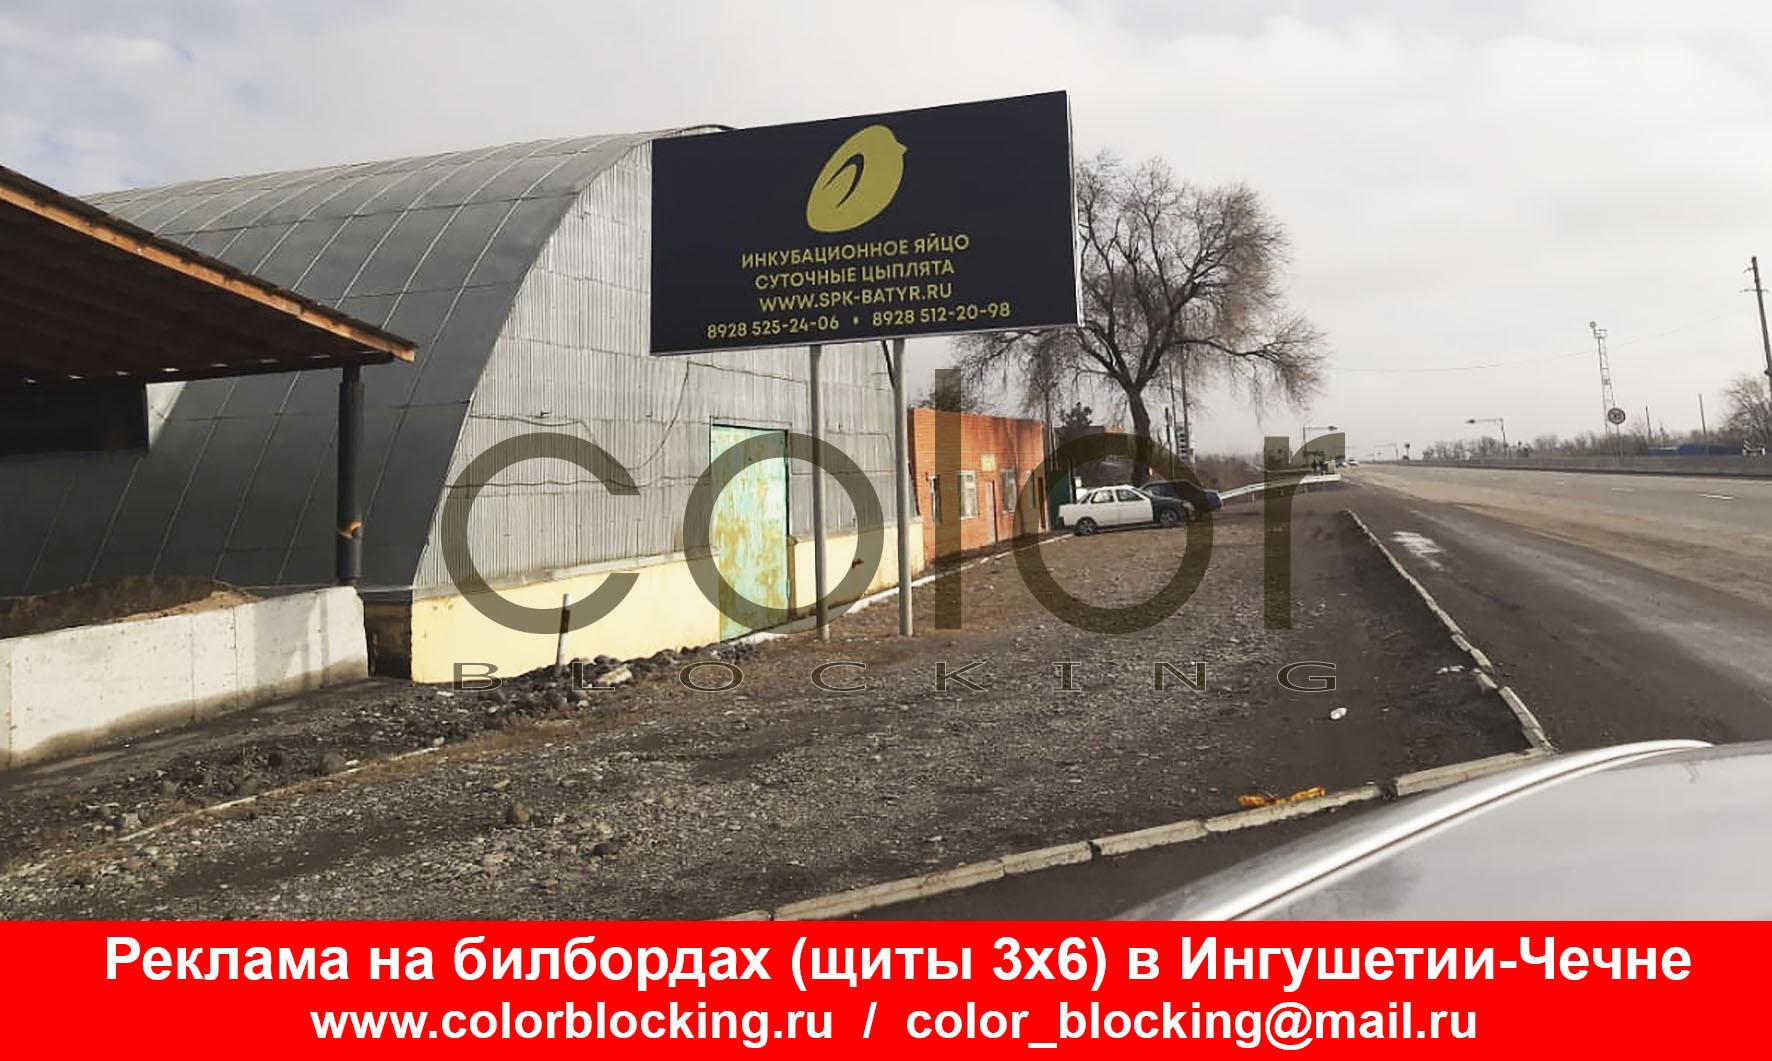 Реклама на билбордах трасса М29 Республика Ингушетия